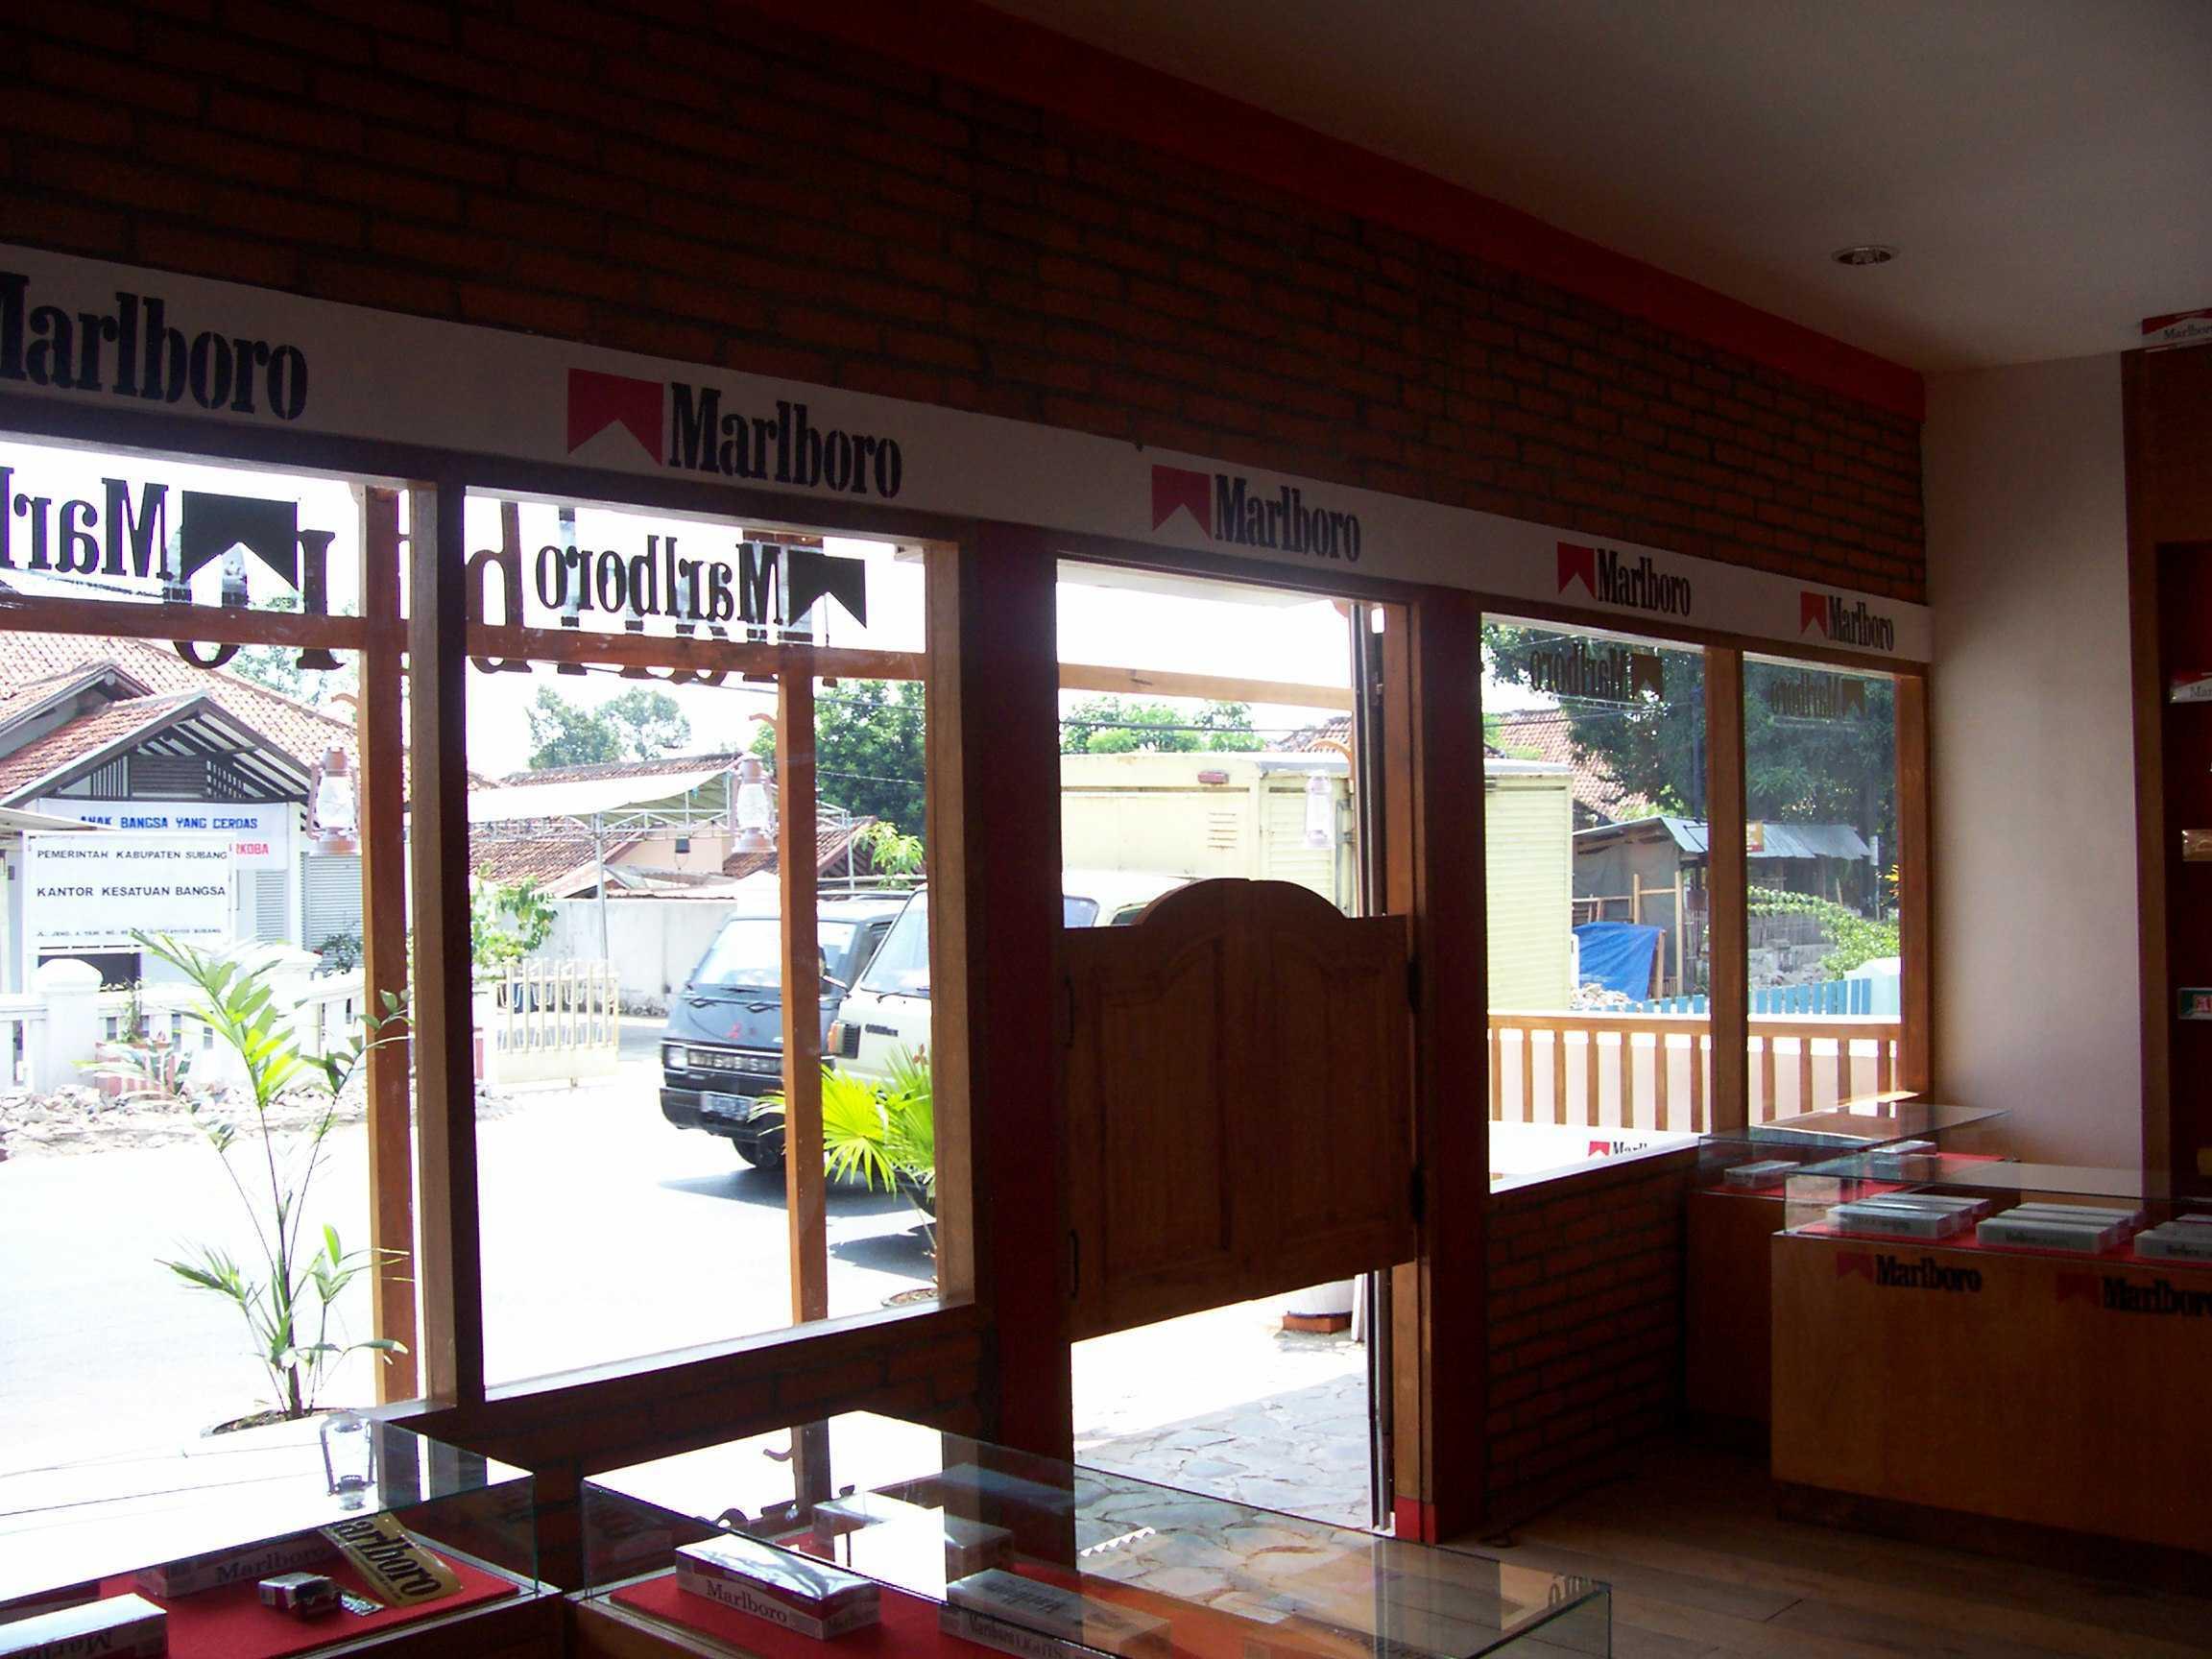 Canvas Mkc Marlboro Outlet-Subang Subang - Jawa Barat Subang - Jawa Barat Front Entrance Industrial  21130